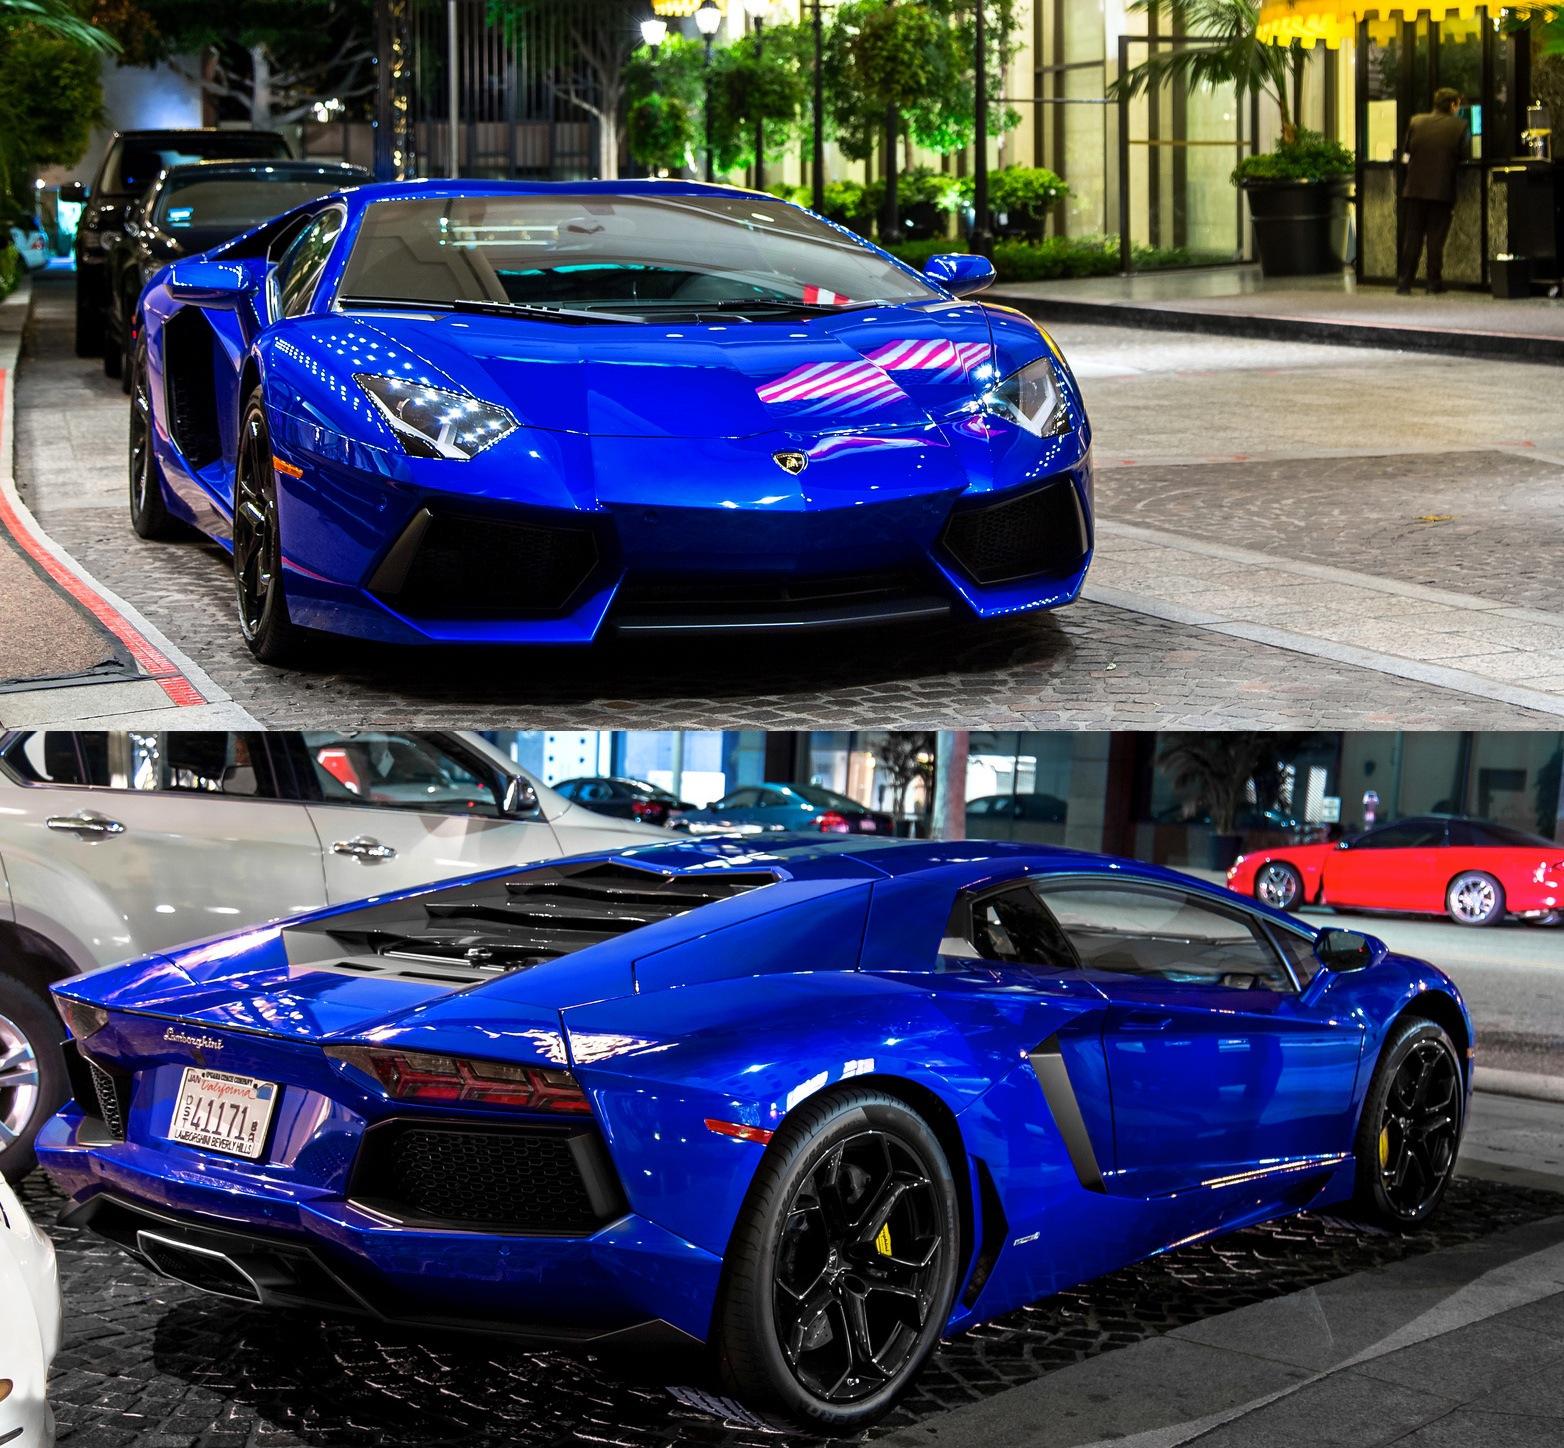 Blue Aventador